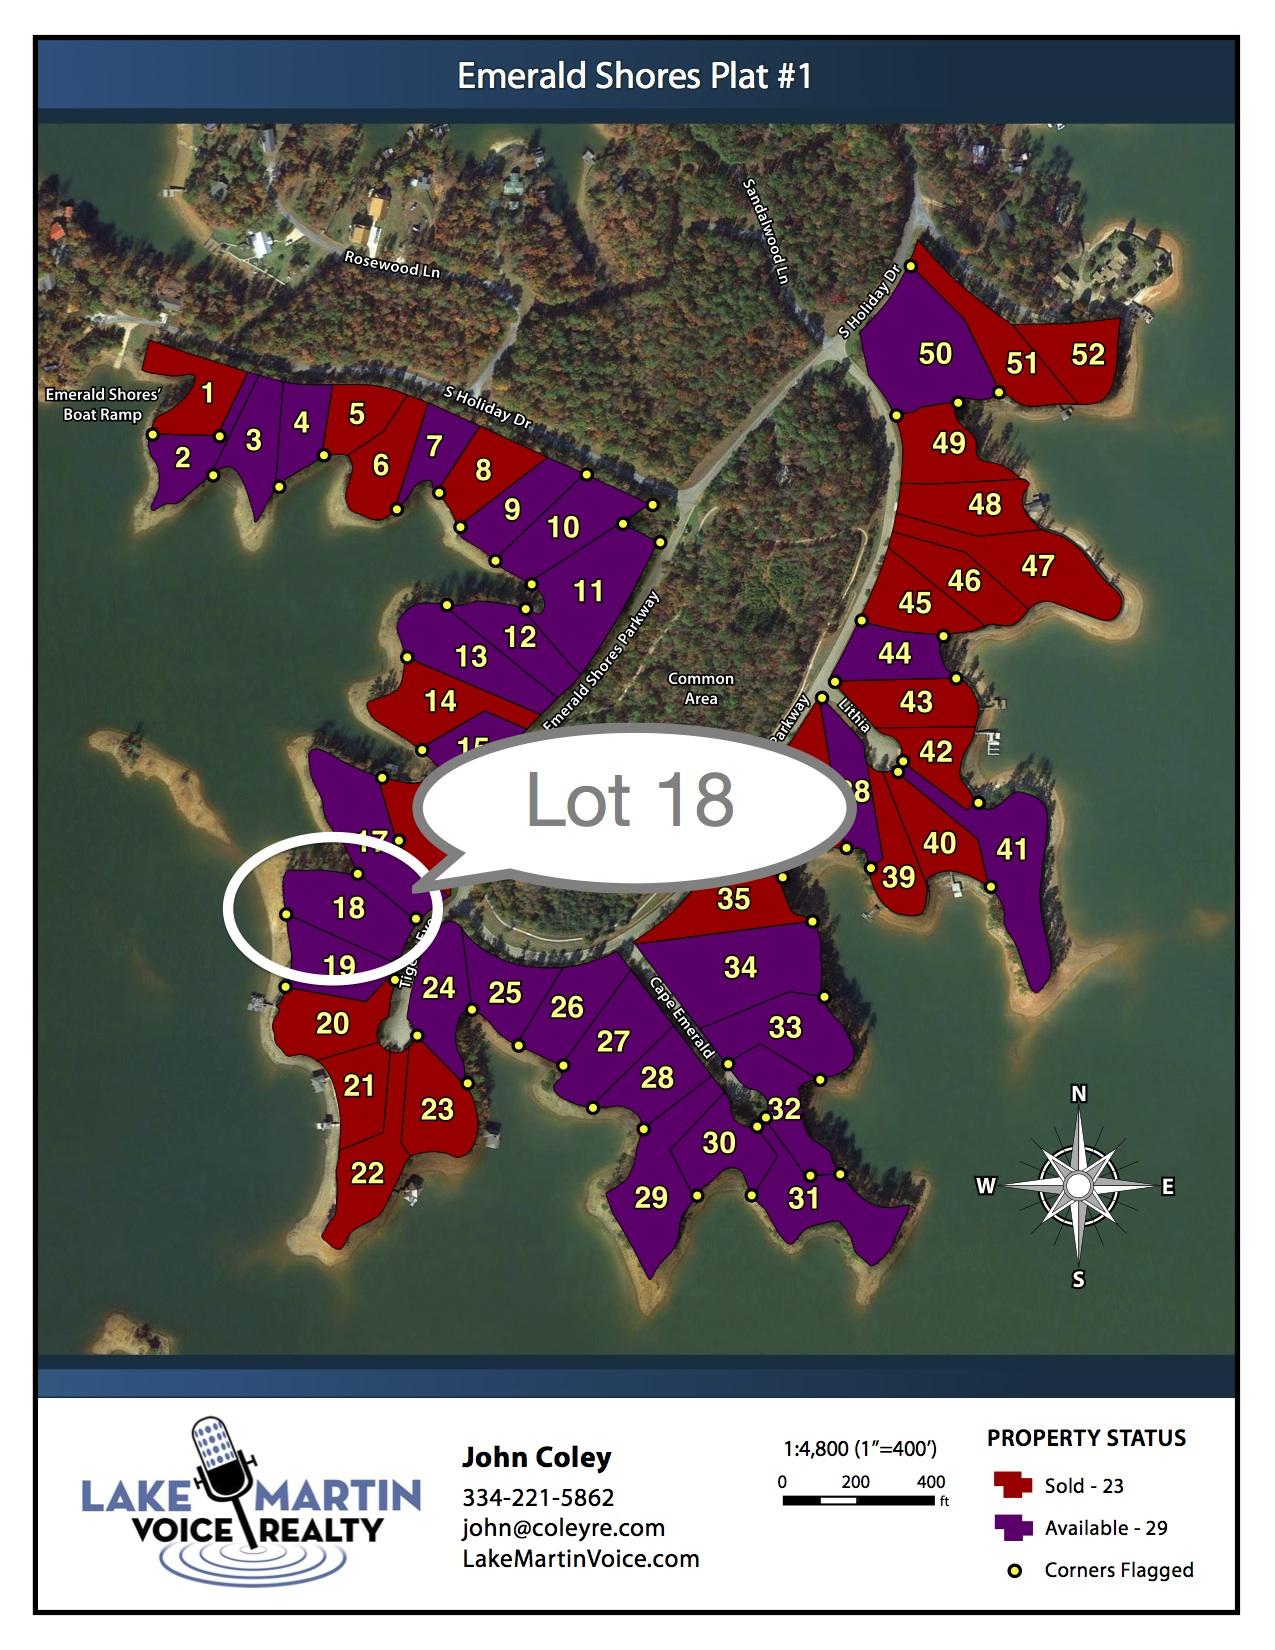 Lot 18 Emerald Shores Map